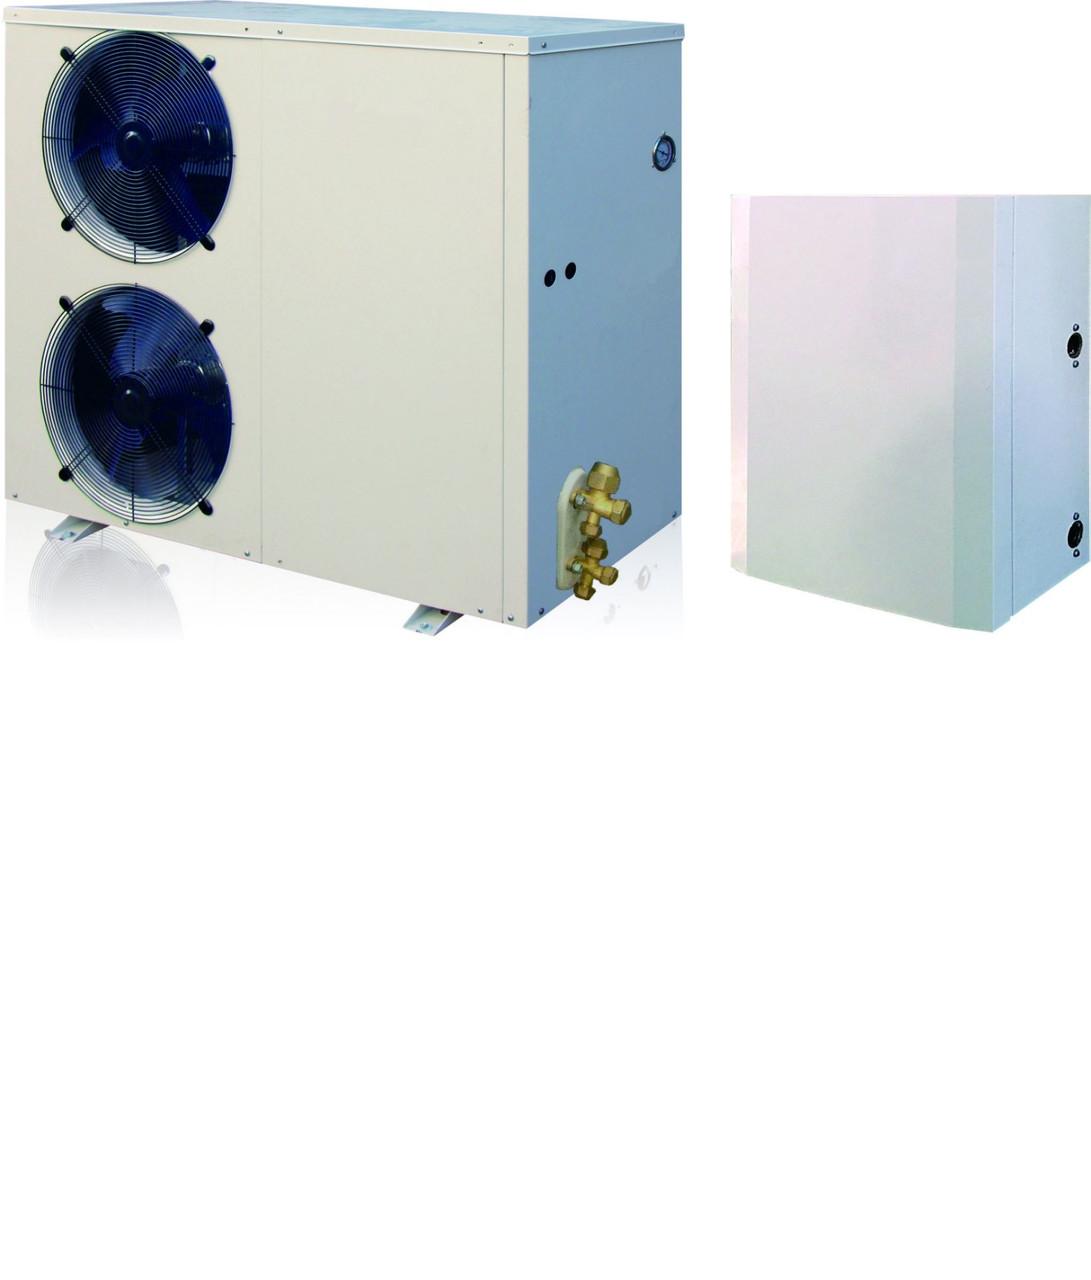 Тепловой насос инвертор TEPLOMIR EVIDC18 split воздух-вода 18,3кВт